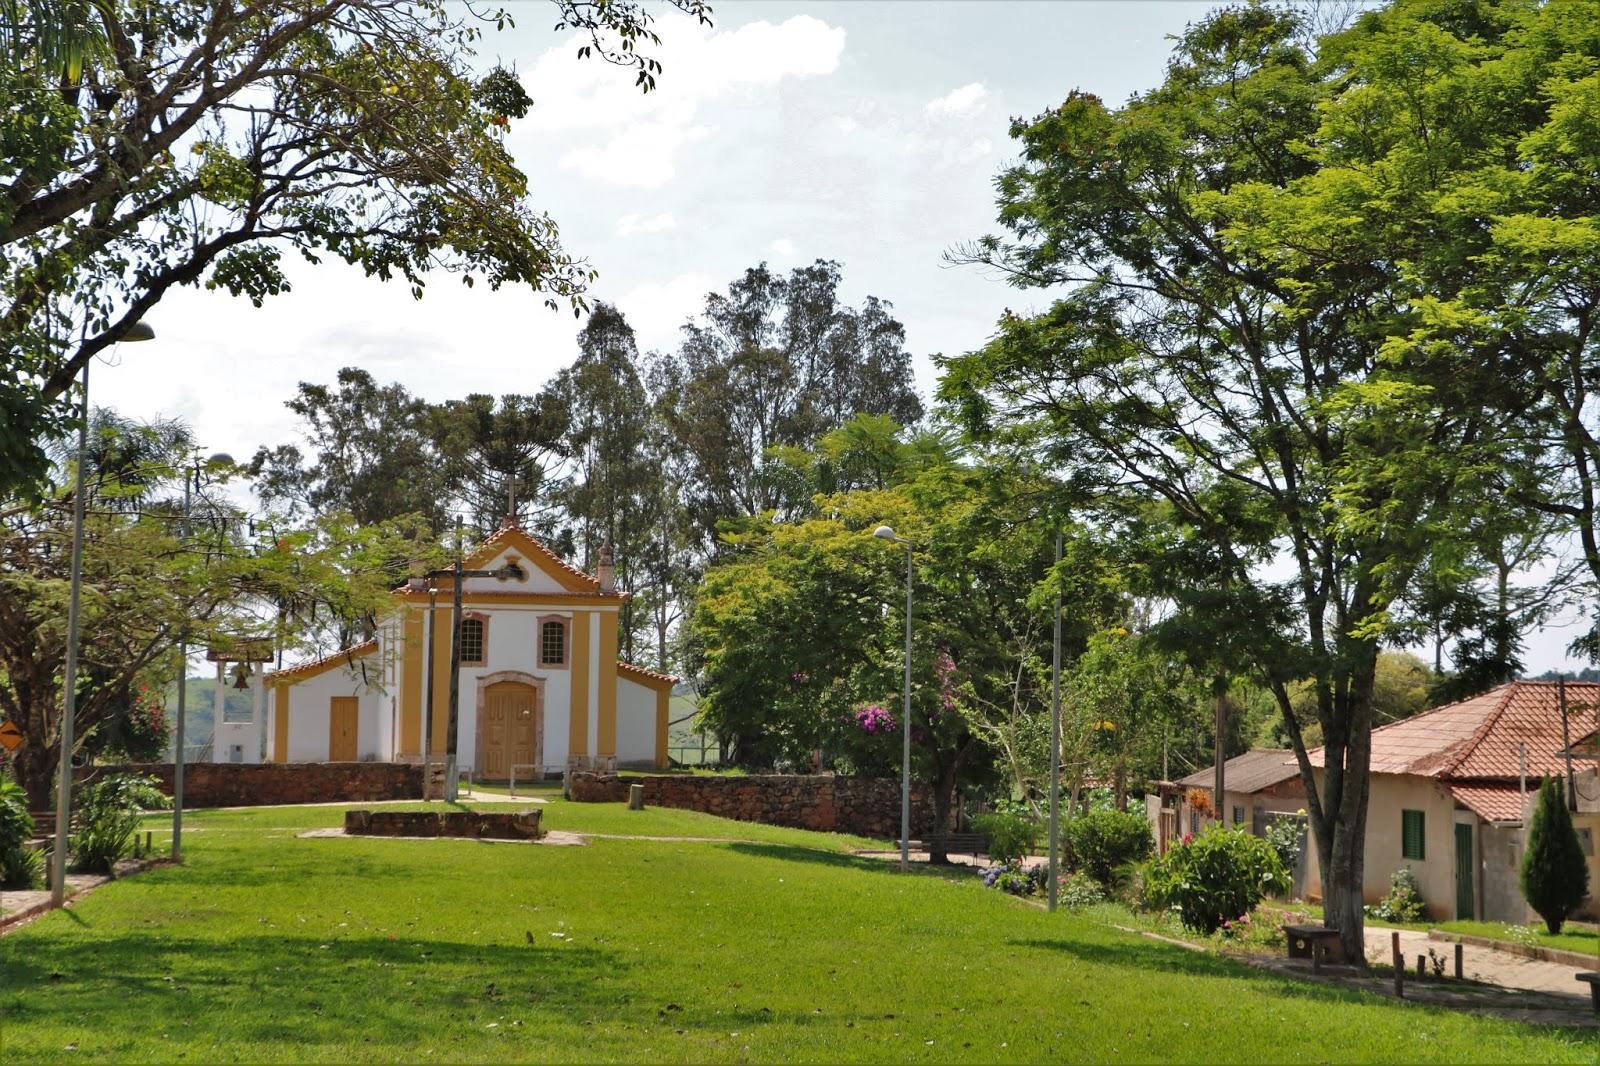 Belo Vale Minas Gerais fonte: 1.bp.blogspot.com